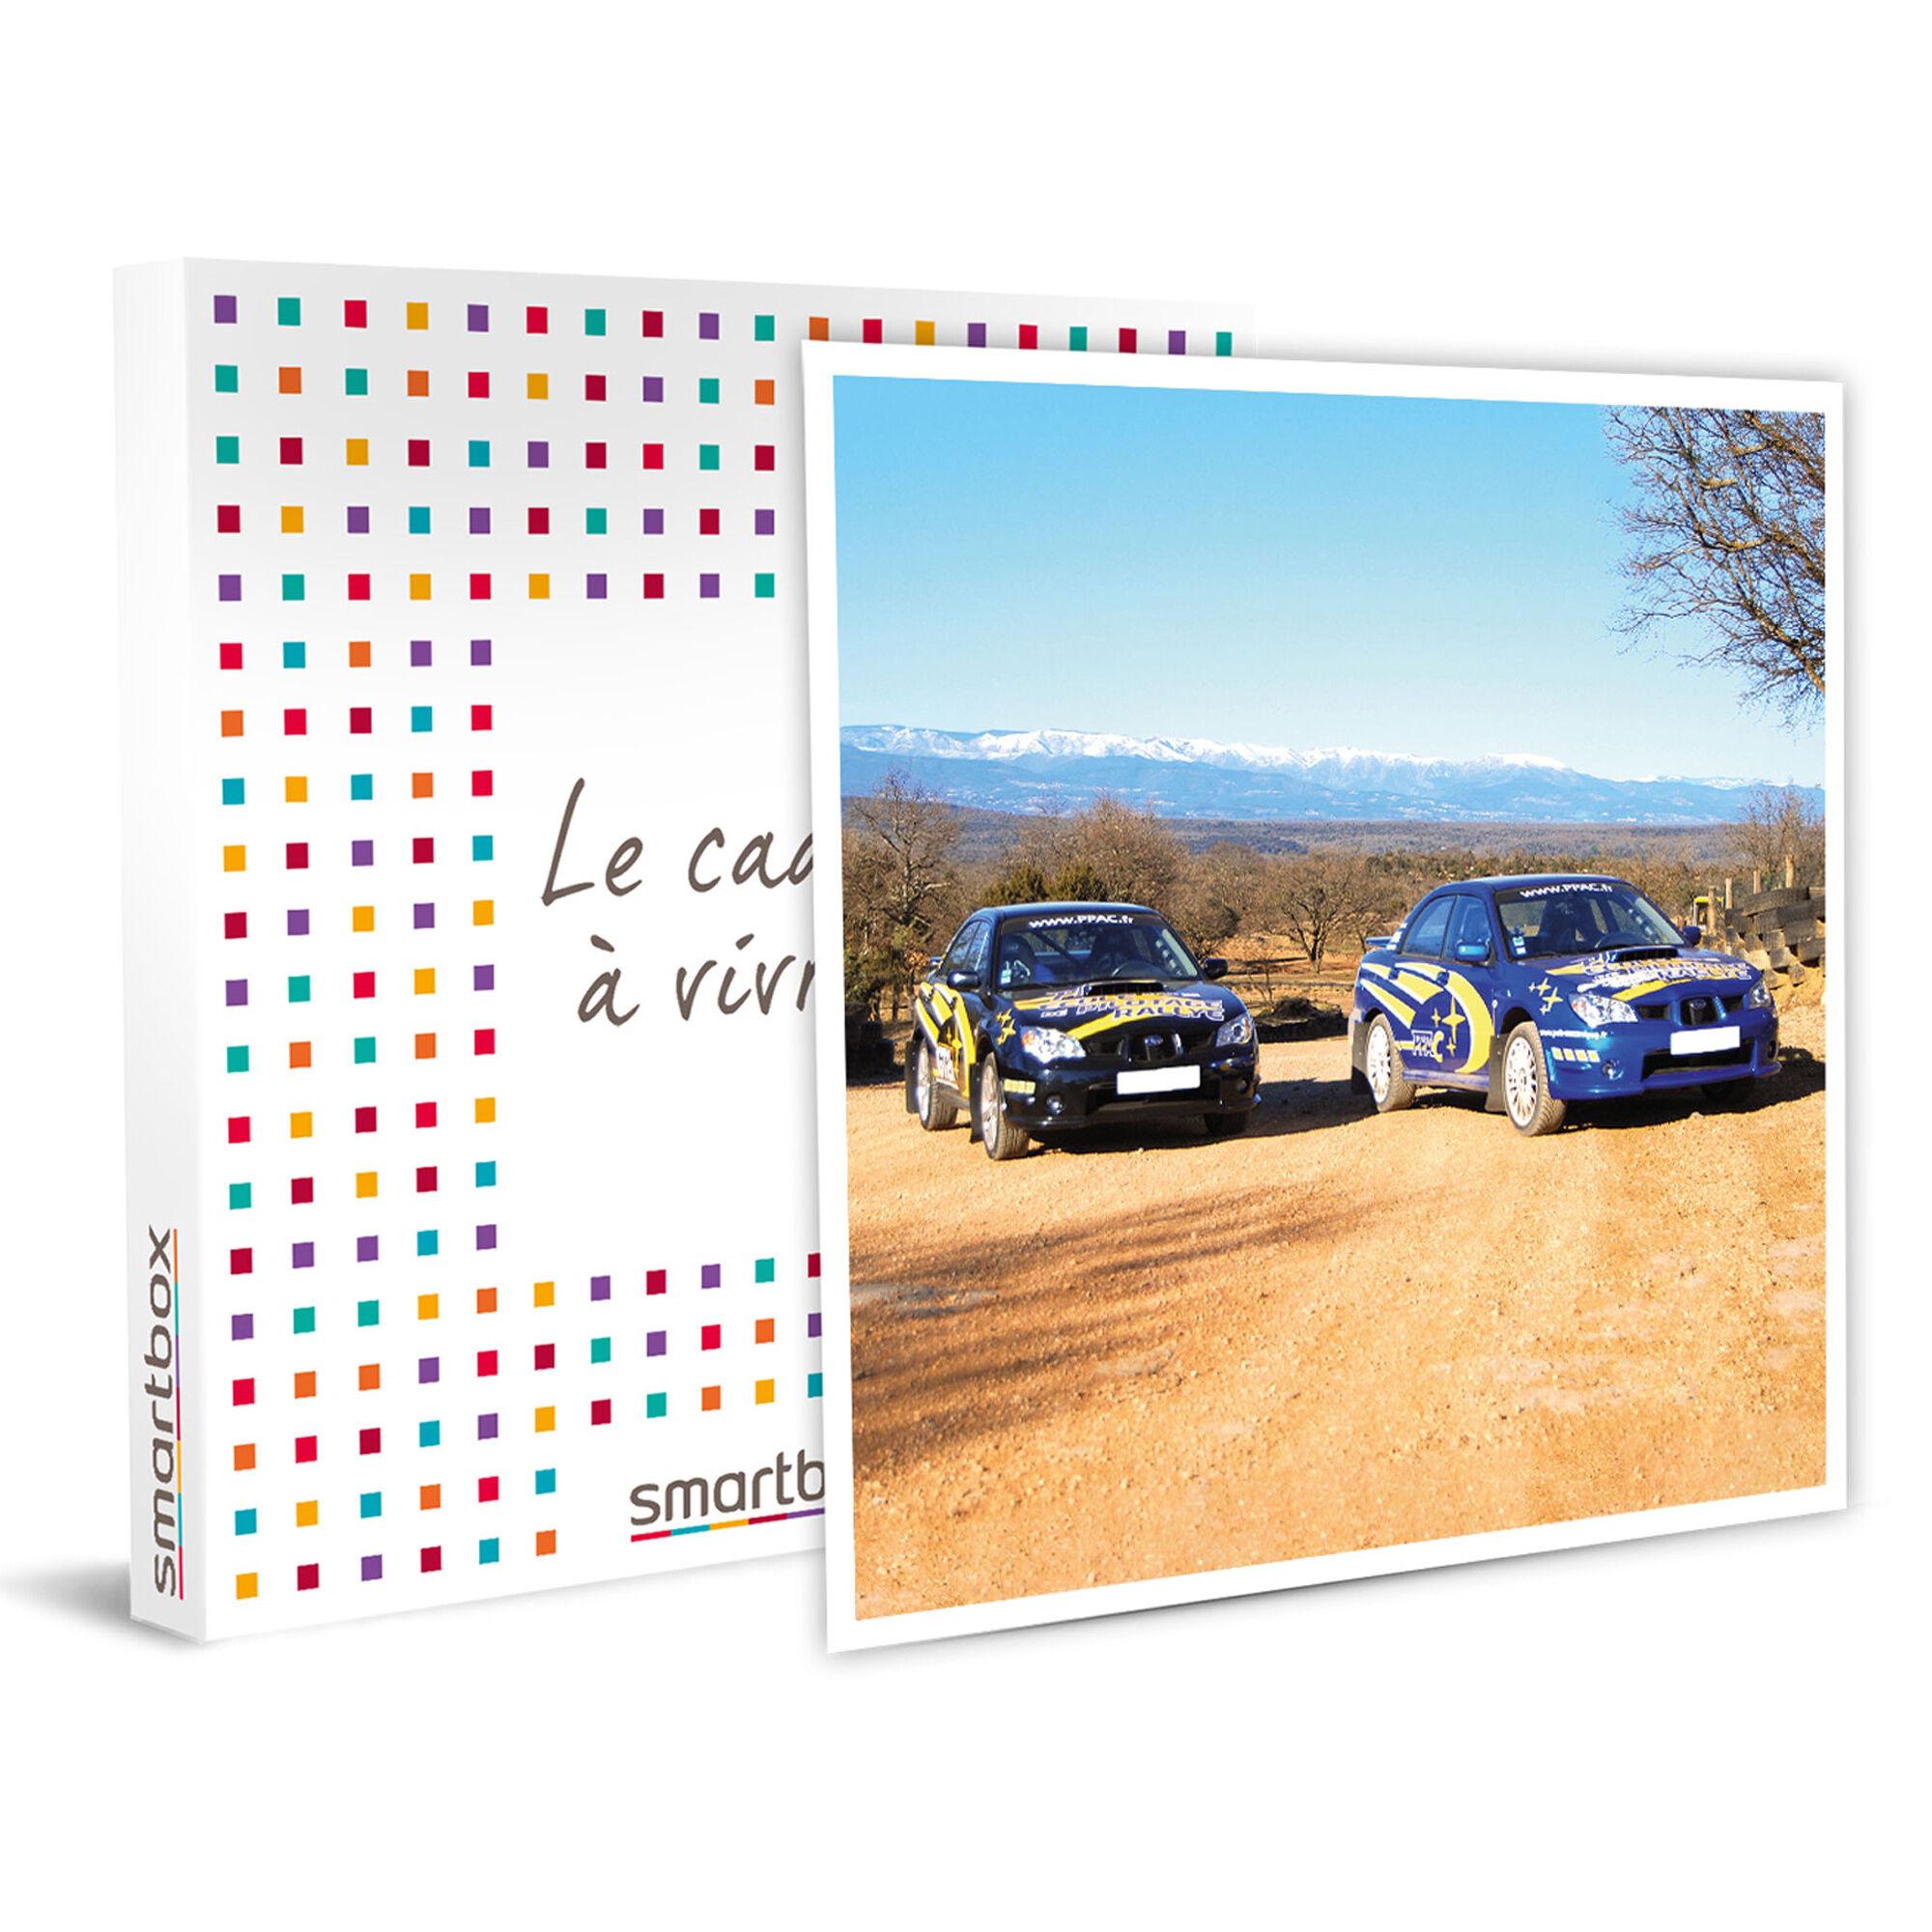 Smartbox Stage pilotage rallye sur circuit terre : 6 tours en Subaru Impreza WRX Coffret cadeau Smartbox